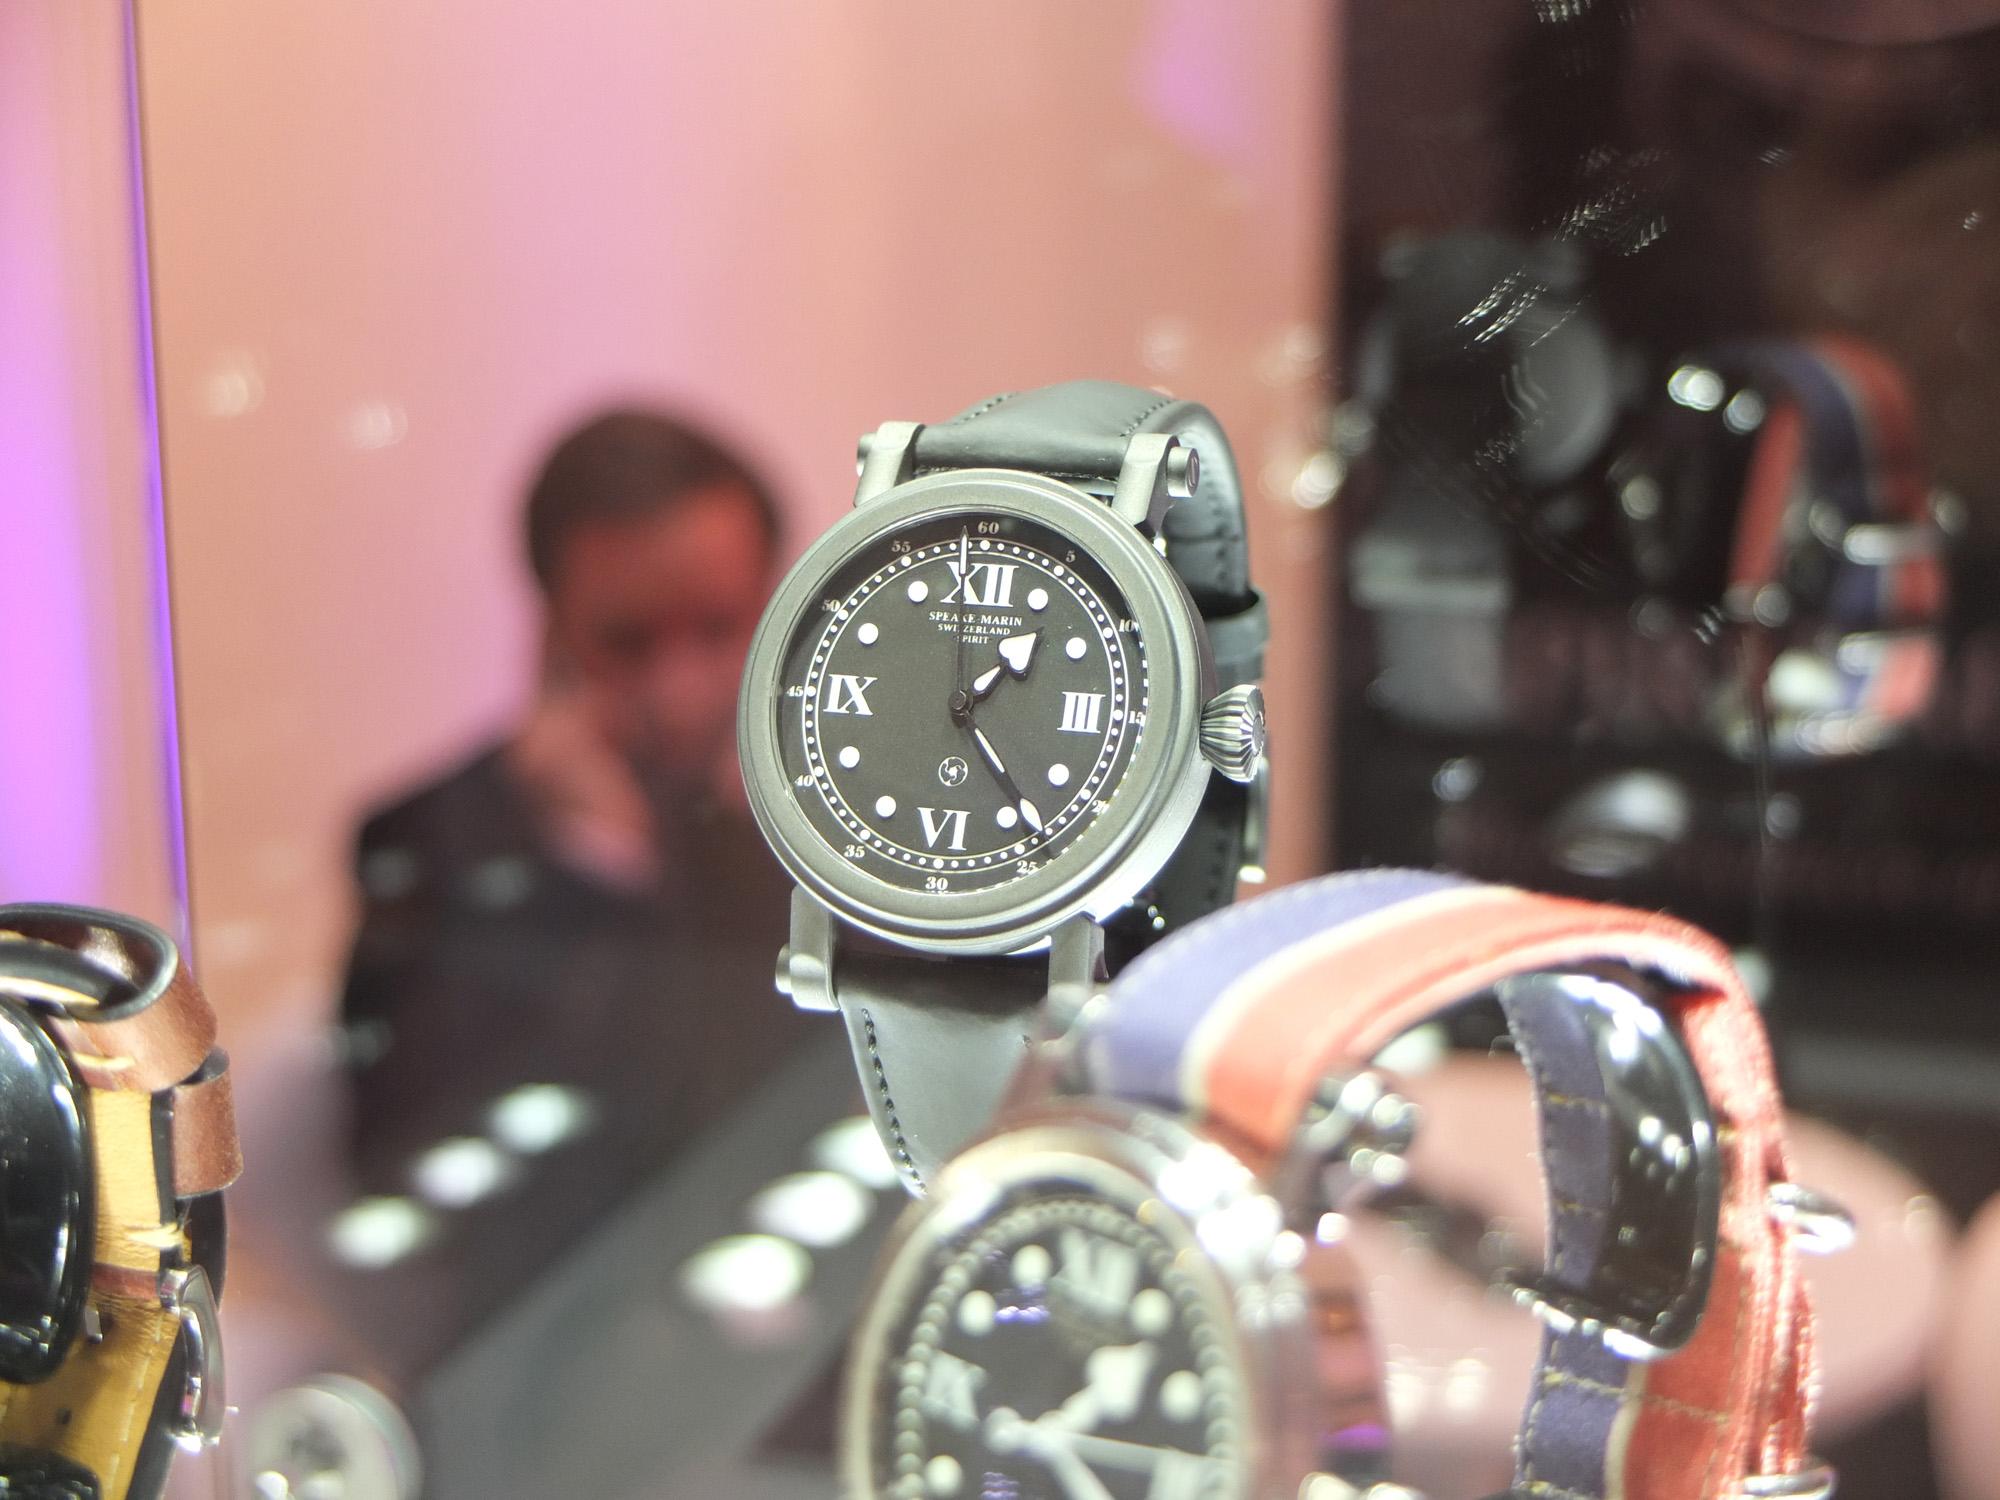 My dream watch! Peter Speake-Marin's Spirit